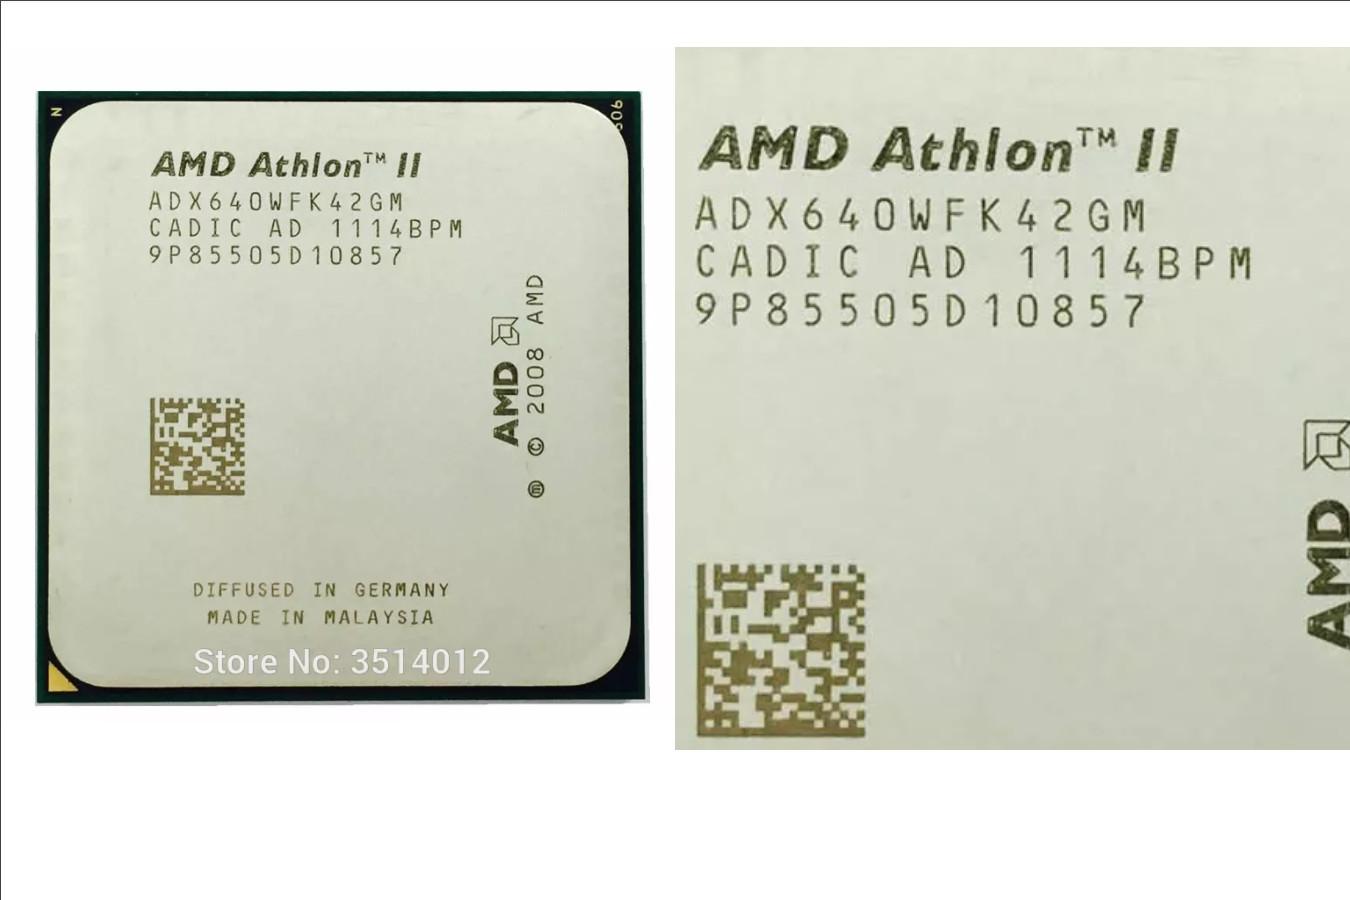 ЦПУ для рабочего компьютера — AMD Athlon II X4 640